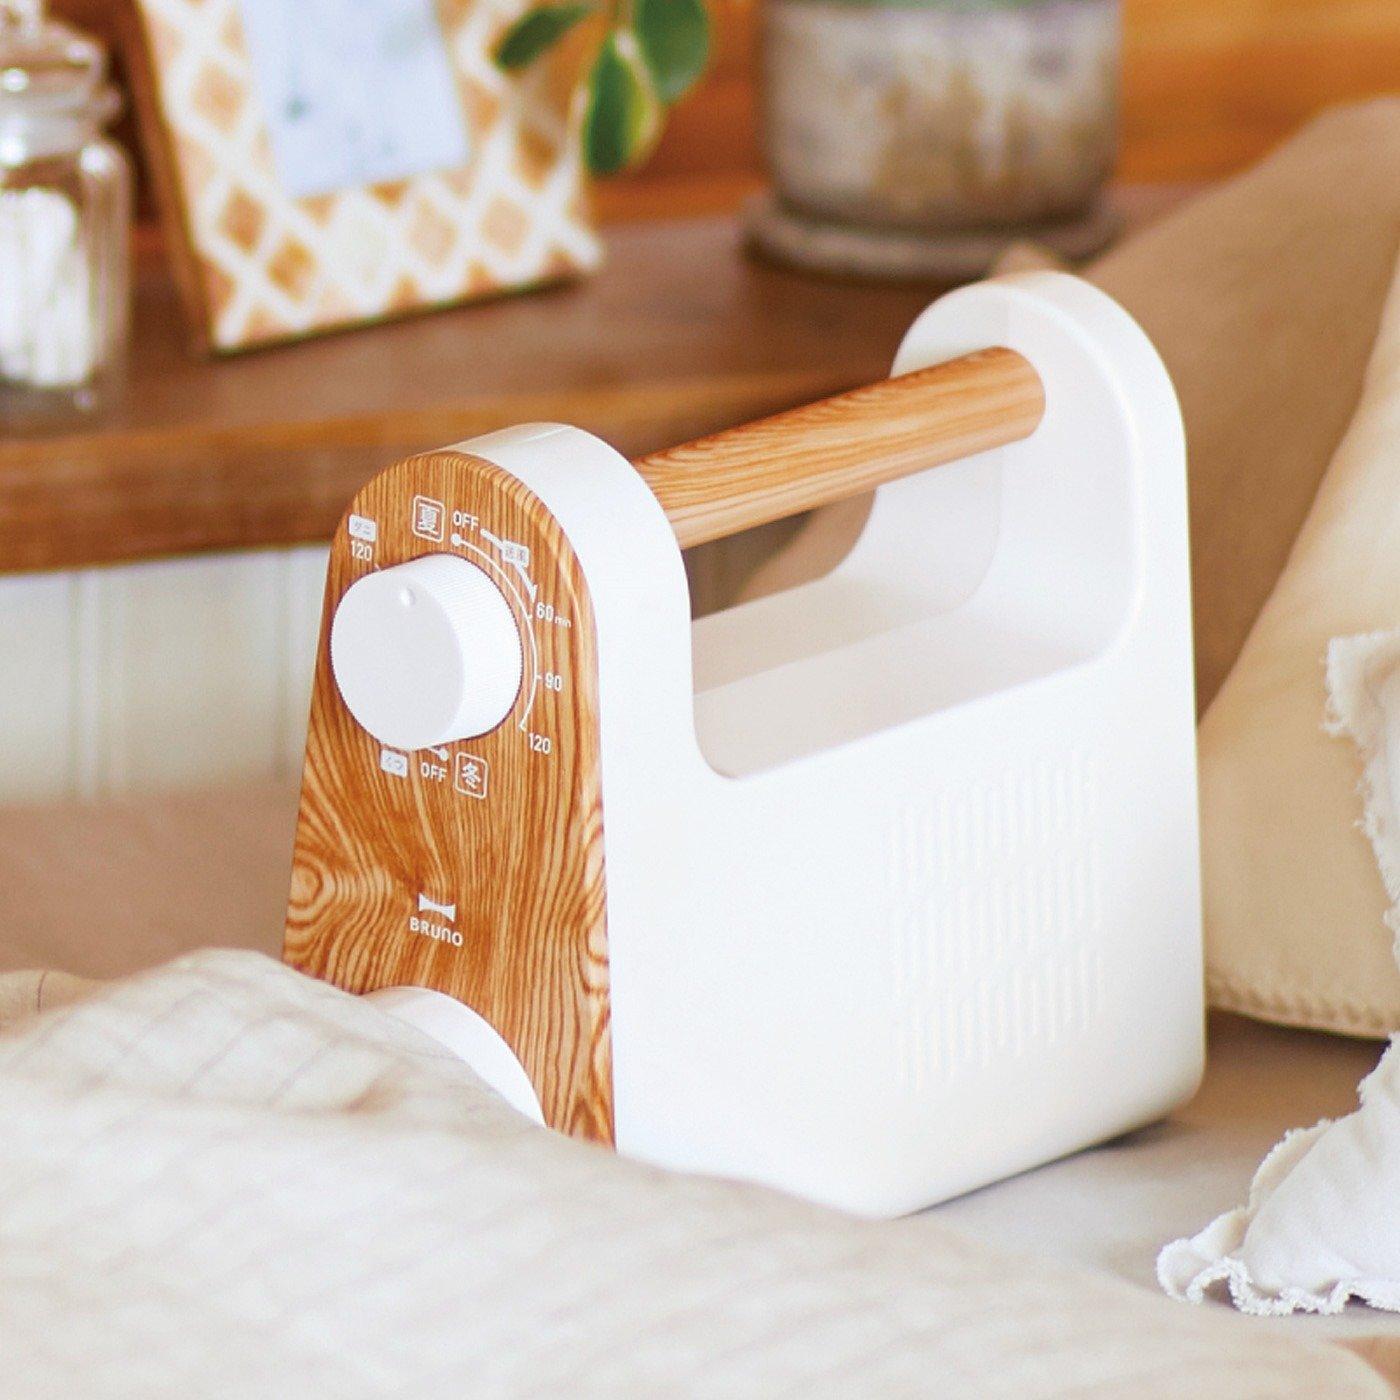 布団にも靴にも!年中使えるマルチな布団乾燥機